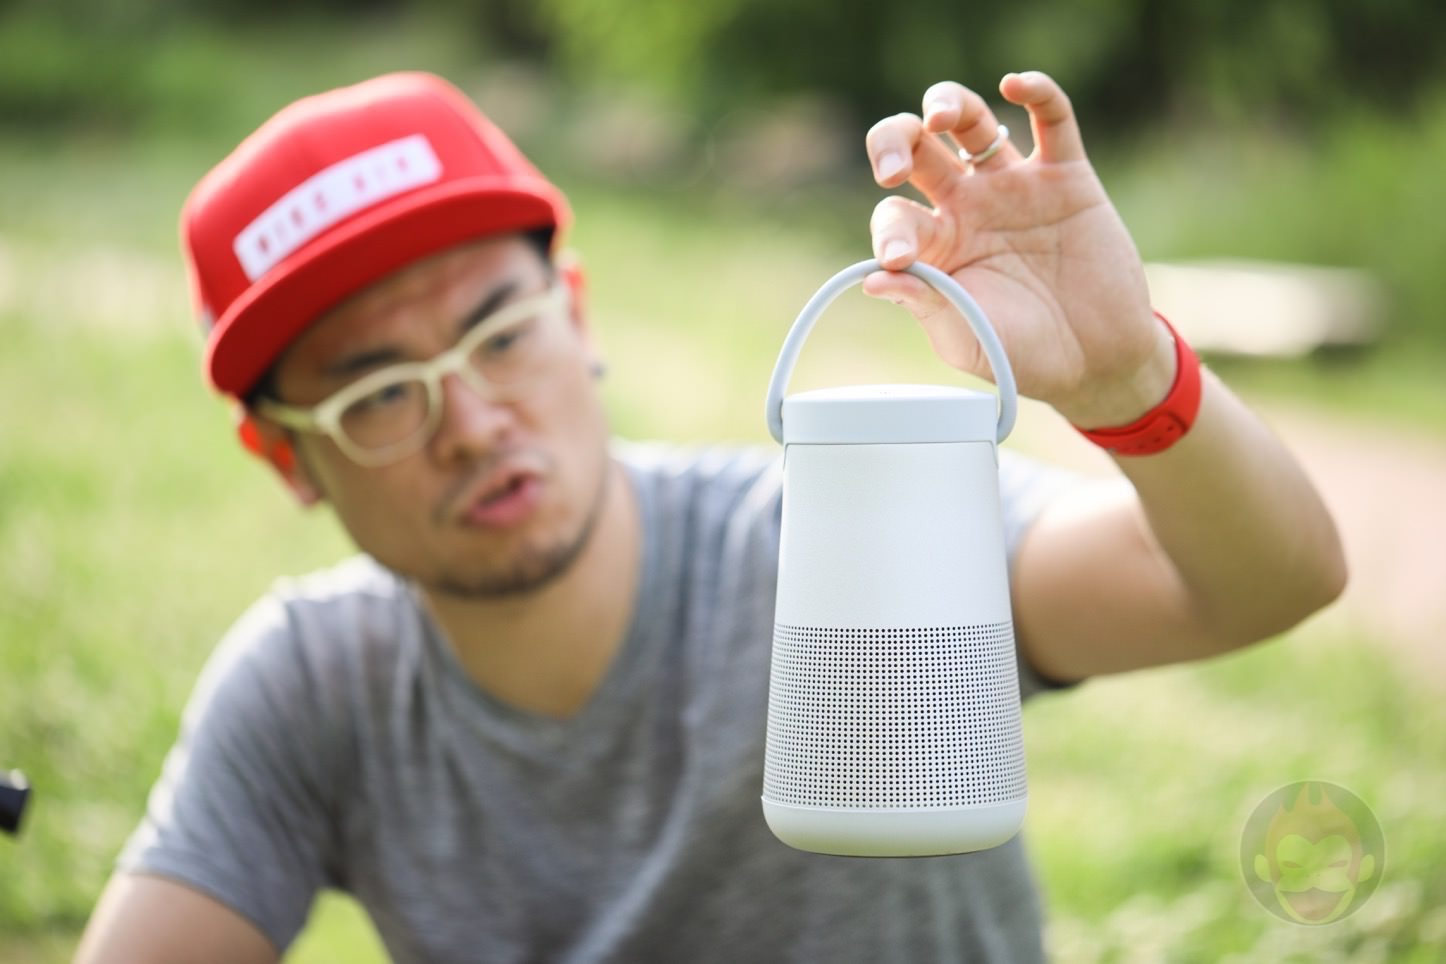 Bose SoundLink Revolve / Revolve+